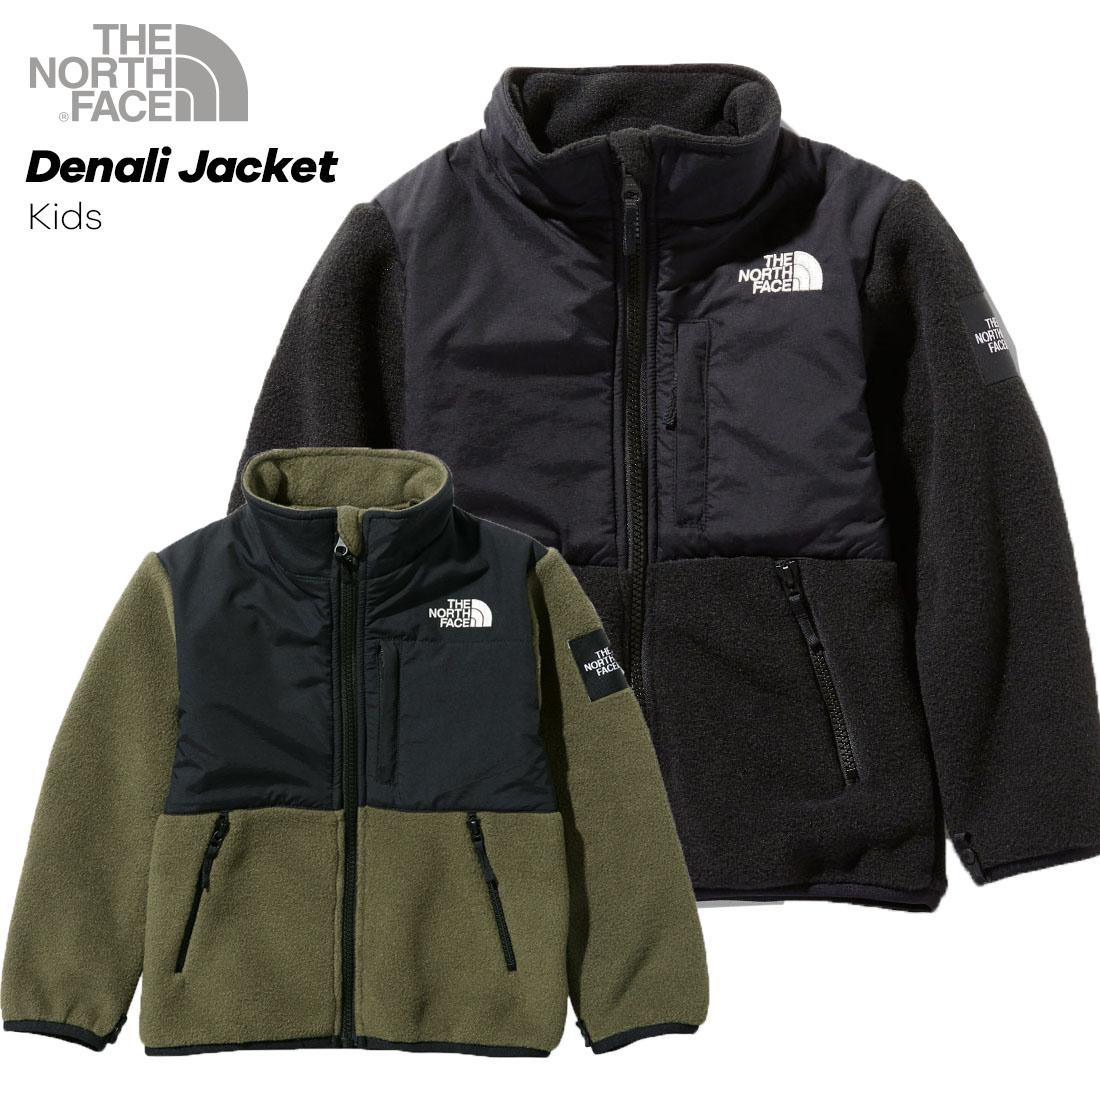 ノースフェイス キッズ アウター【送料無料】Denali Jacket(150cm)デナリジャケット アウター メール便不可